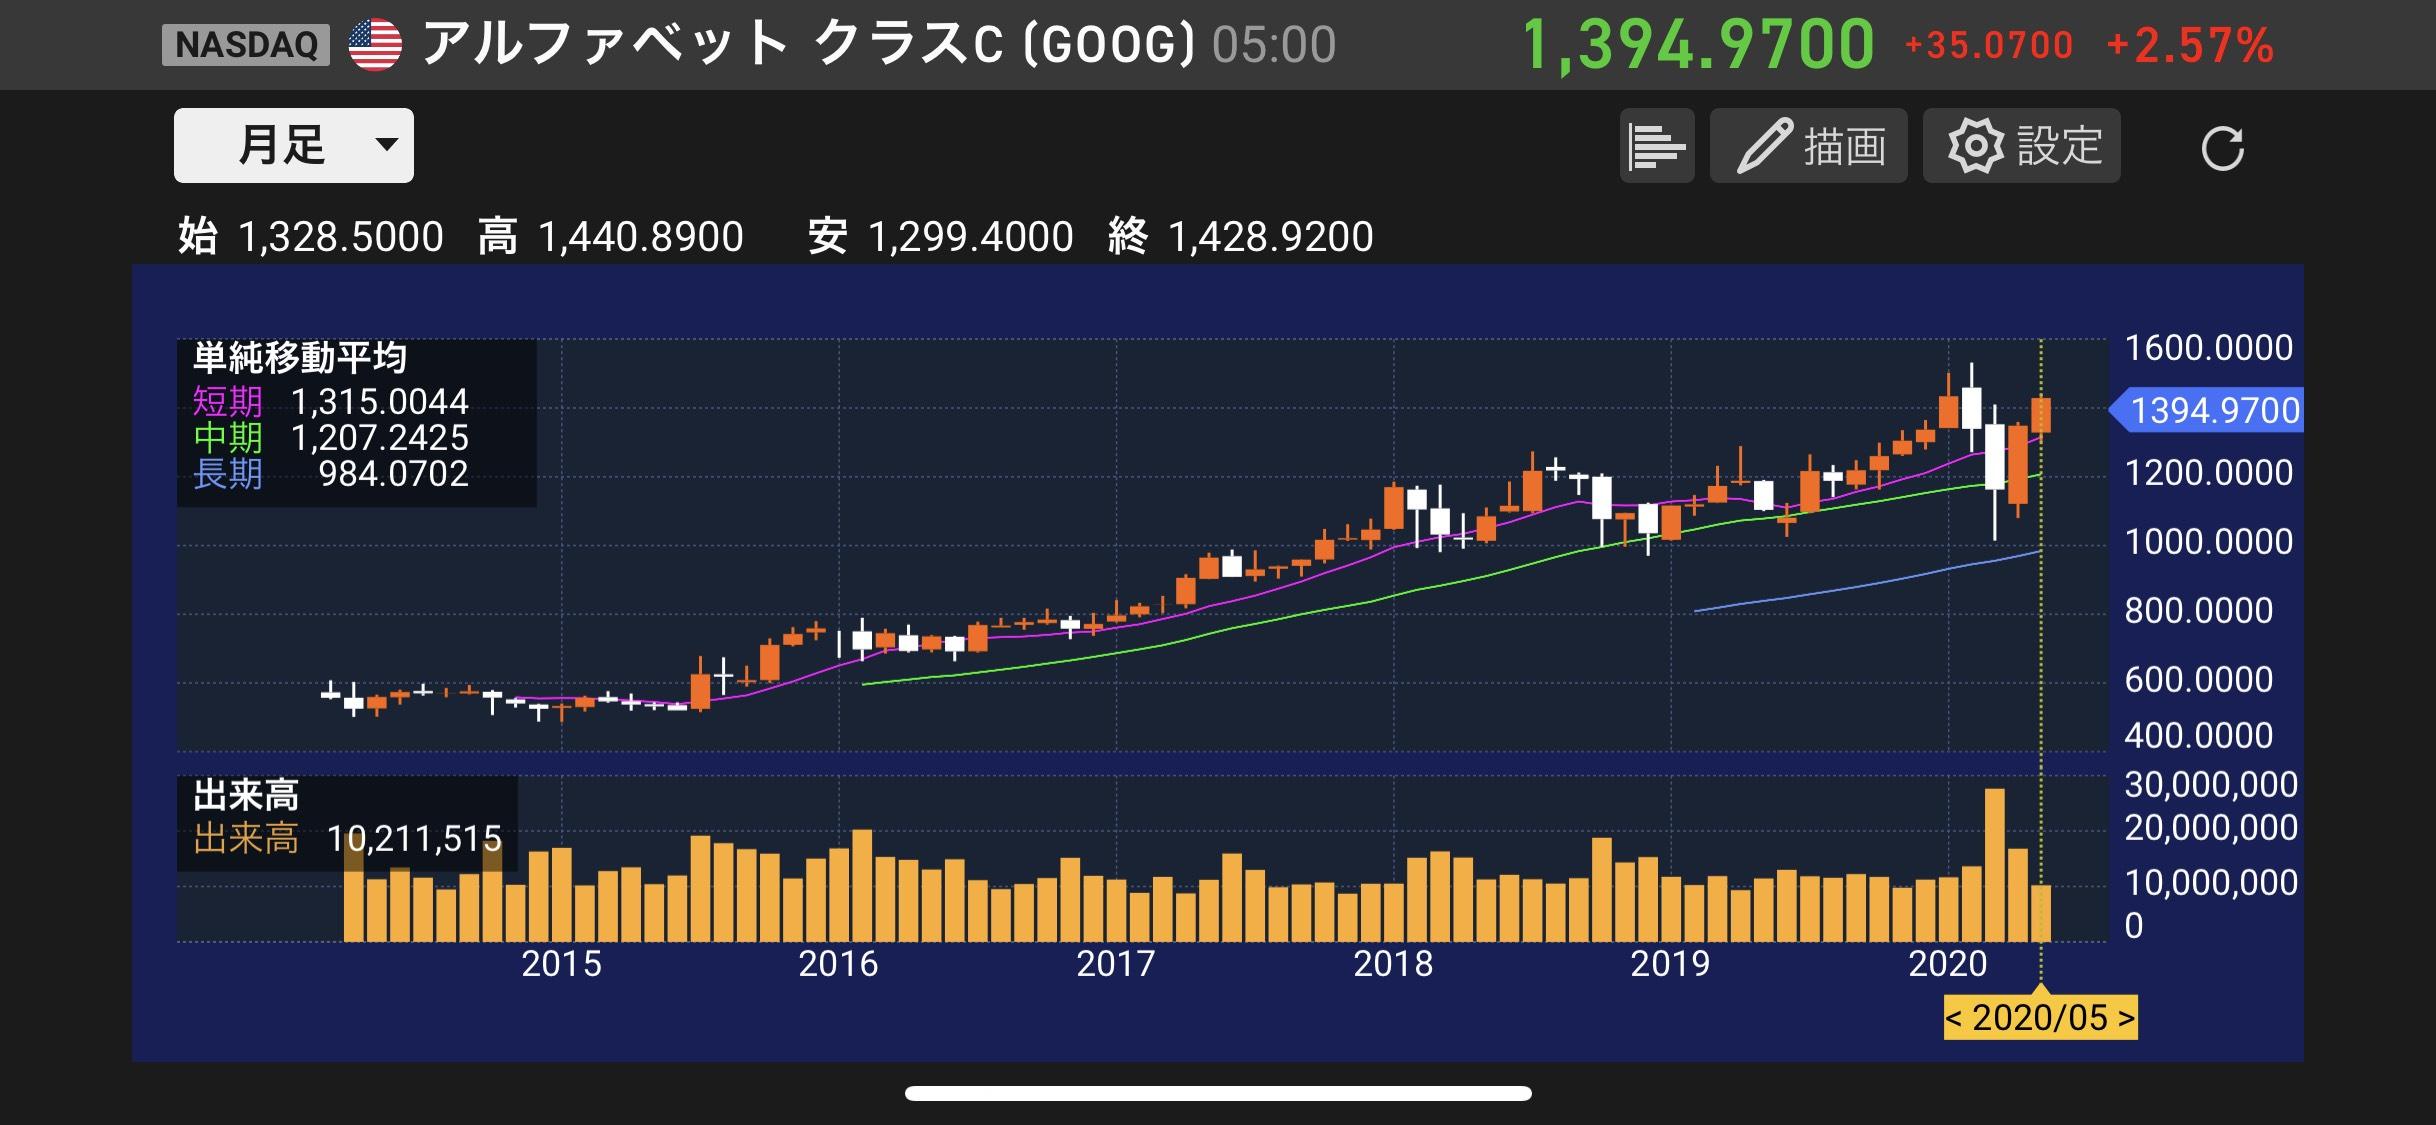 株価 グーグル